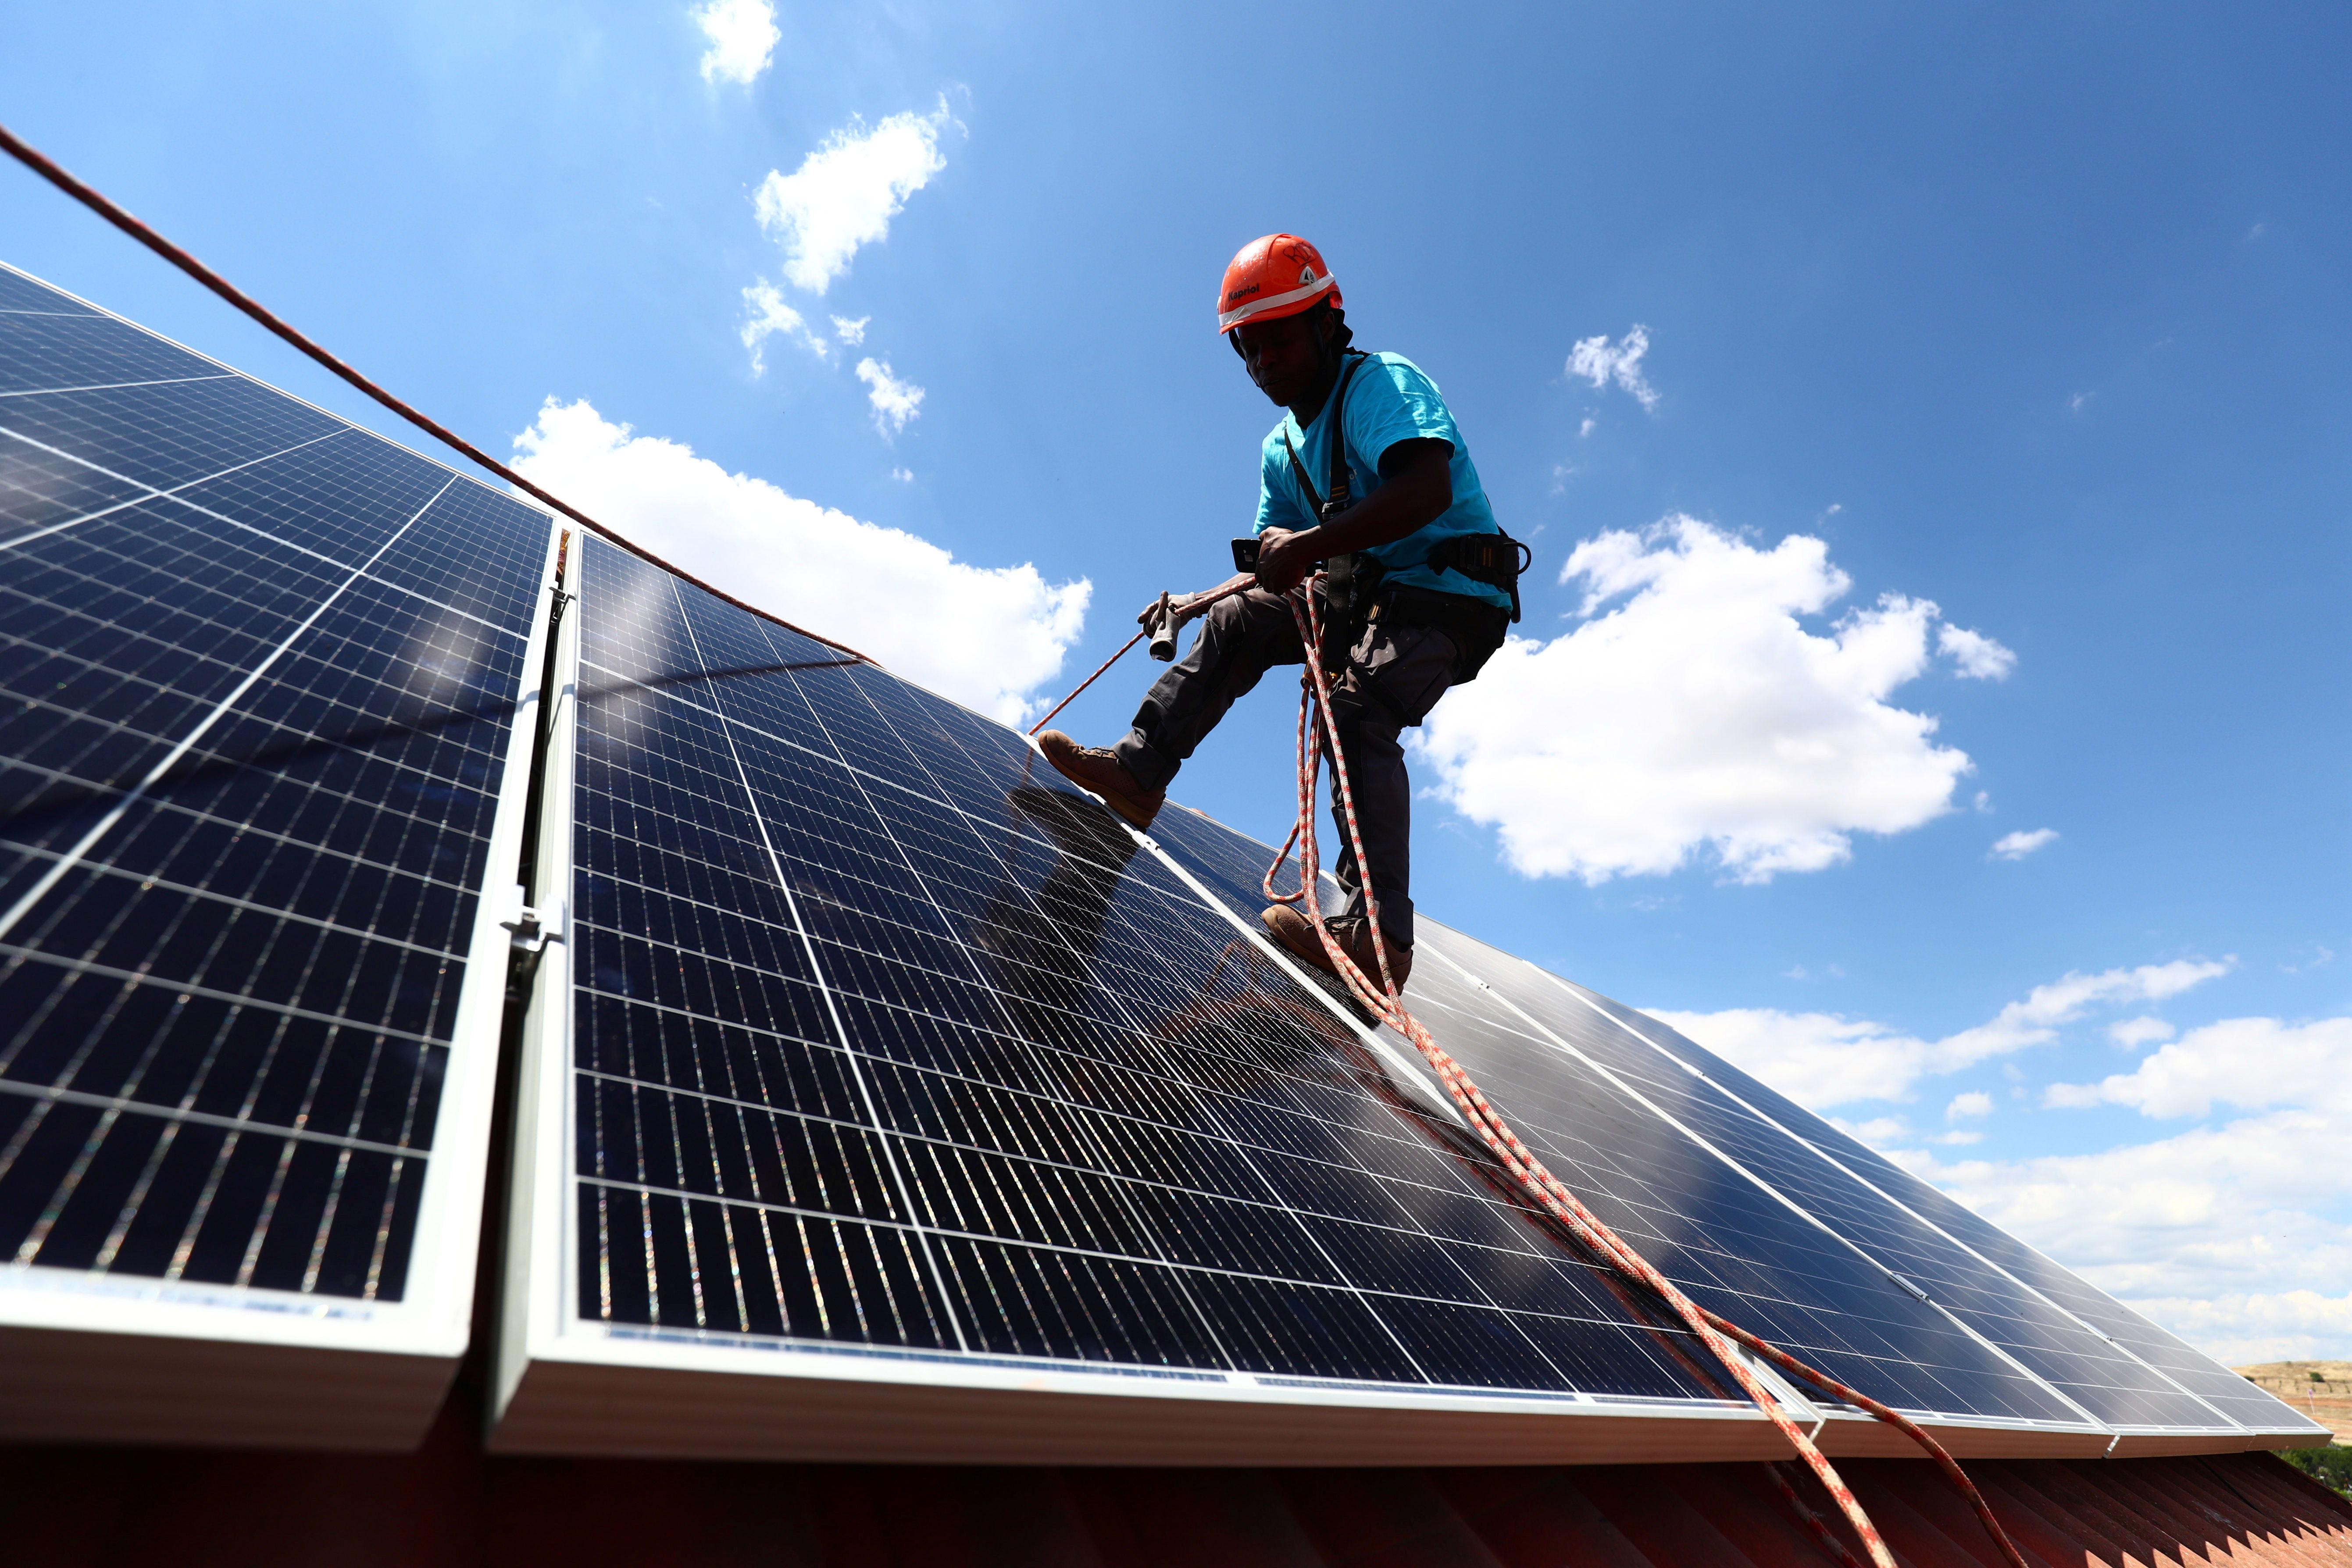 התקנת גג סולארי בספרד. הכנסה בטוחה לדיירים / צילום: Reuters, Sergio Perez